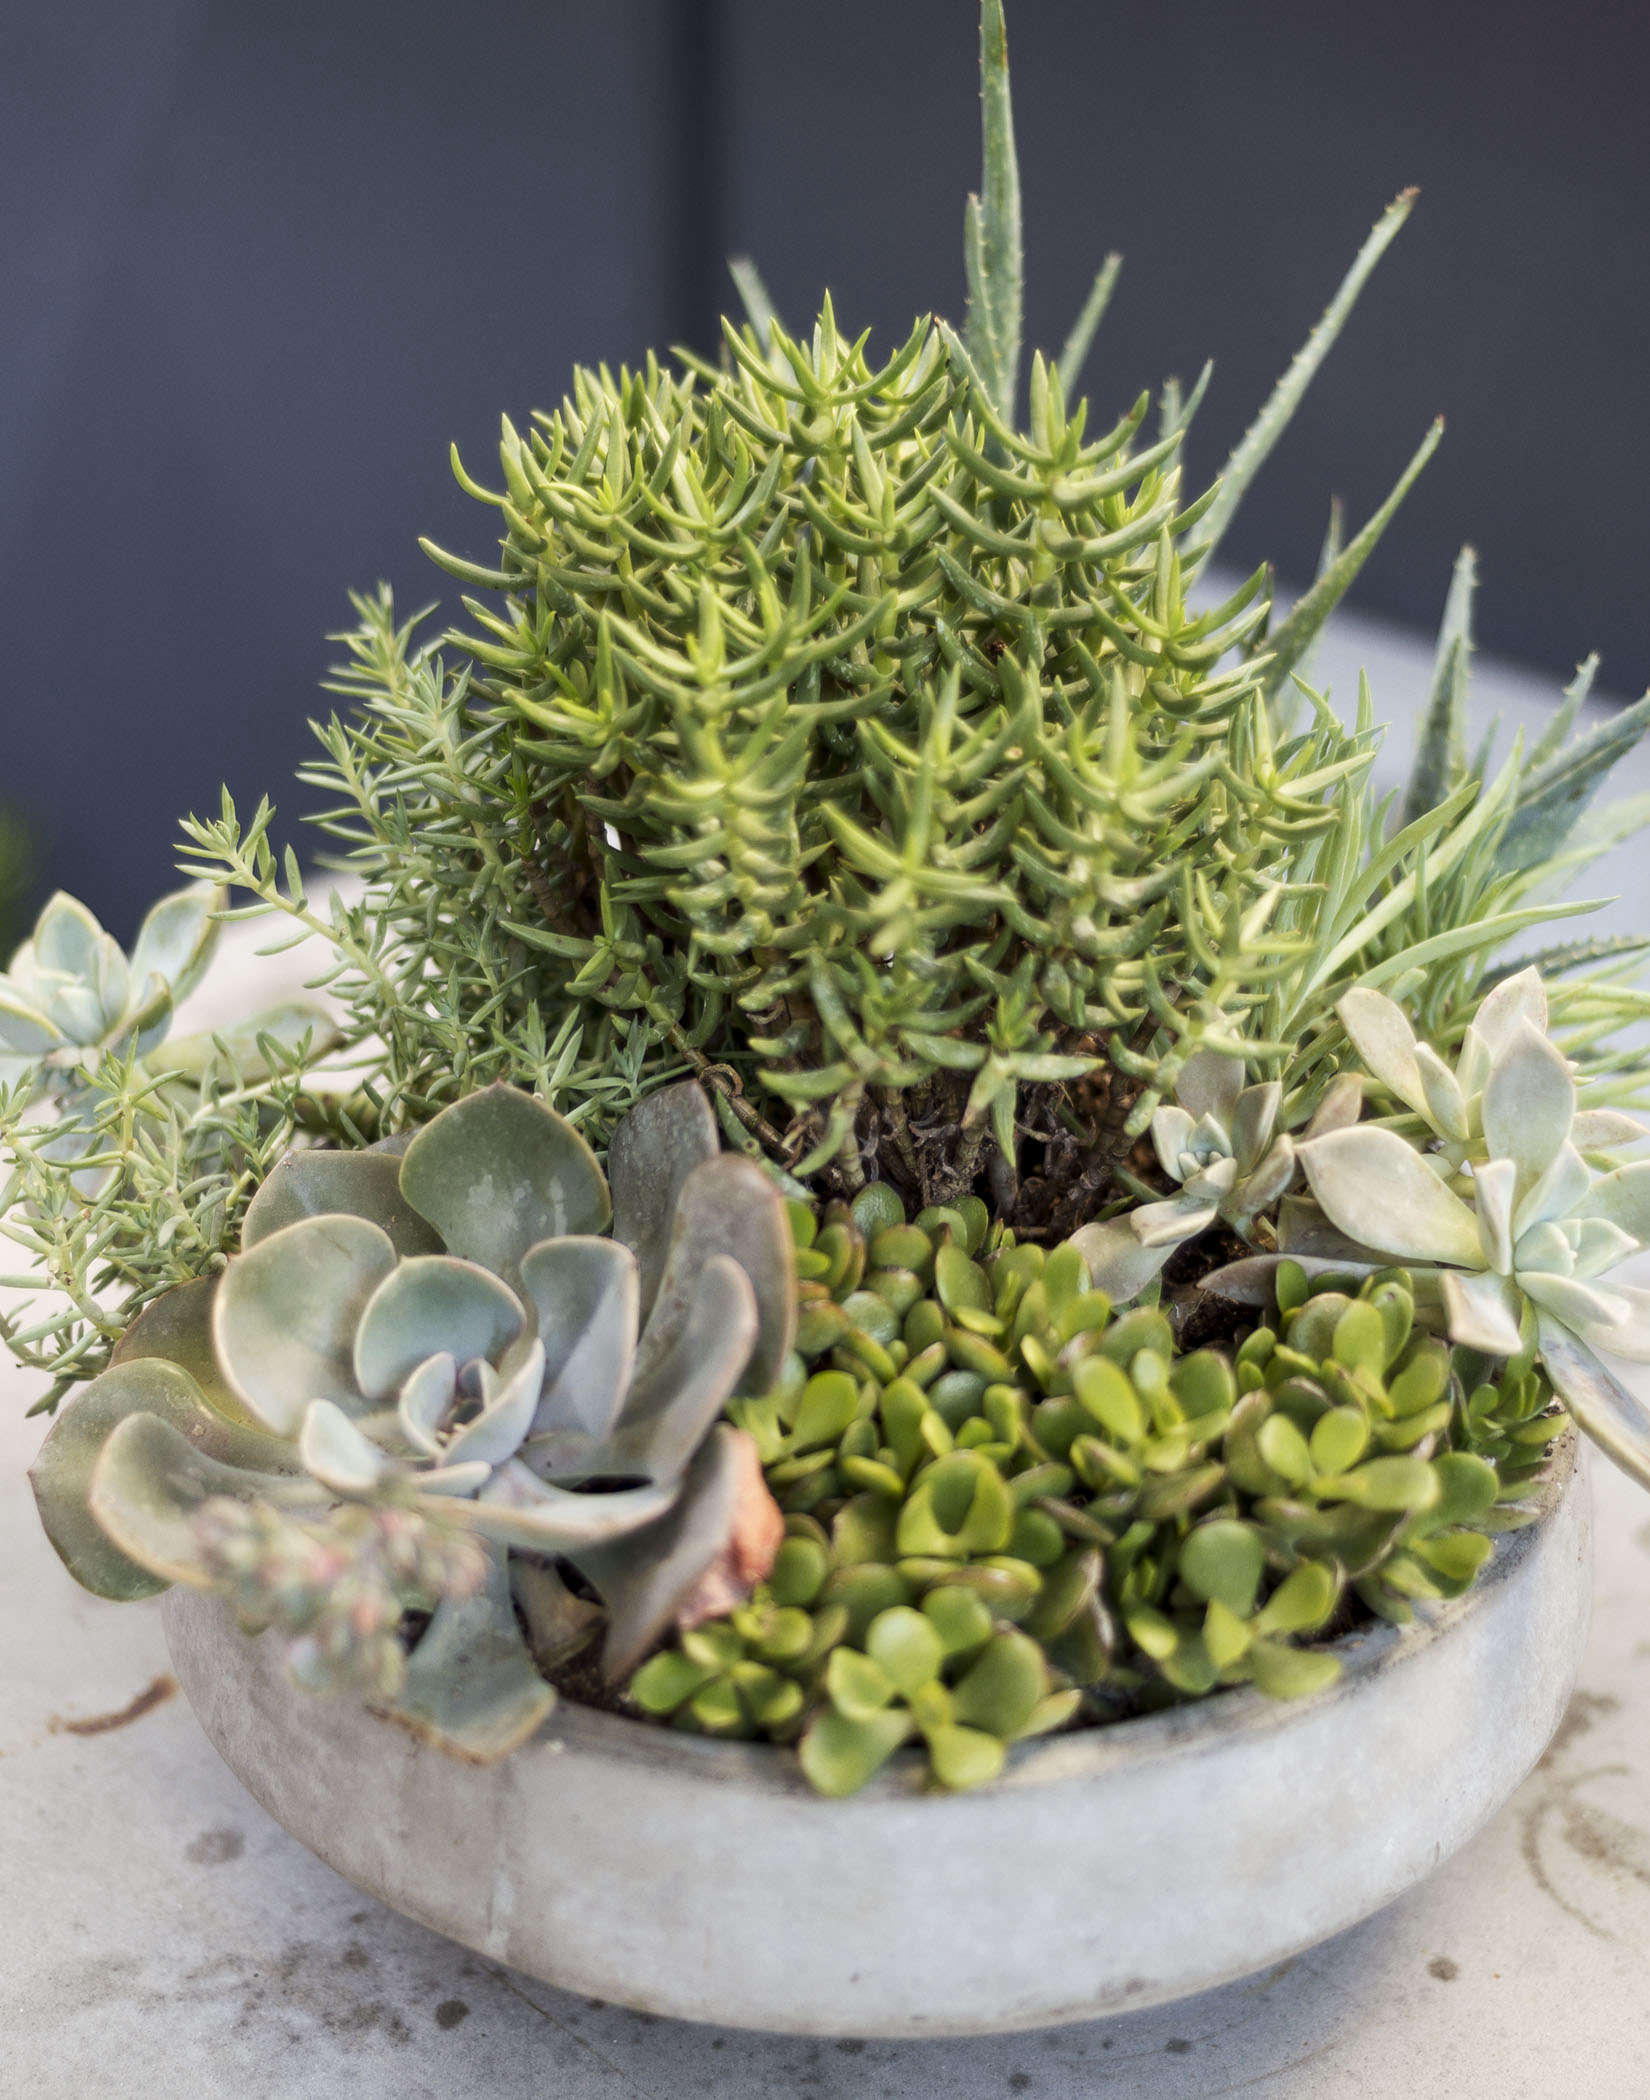 klein-garden-mission-san-francisco-gardenista-succulents-container